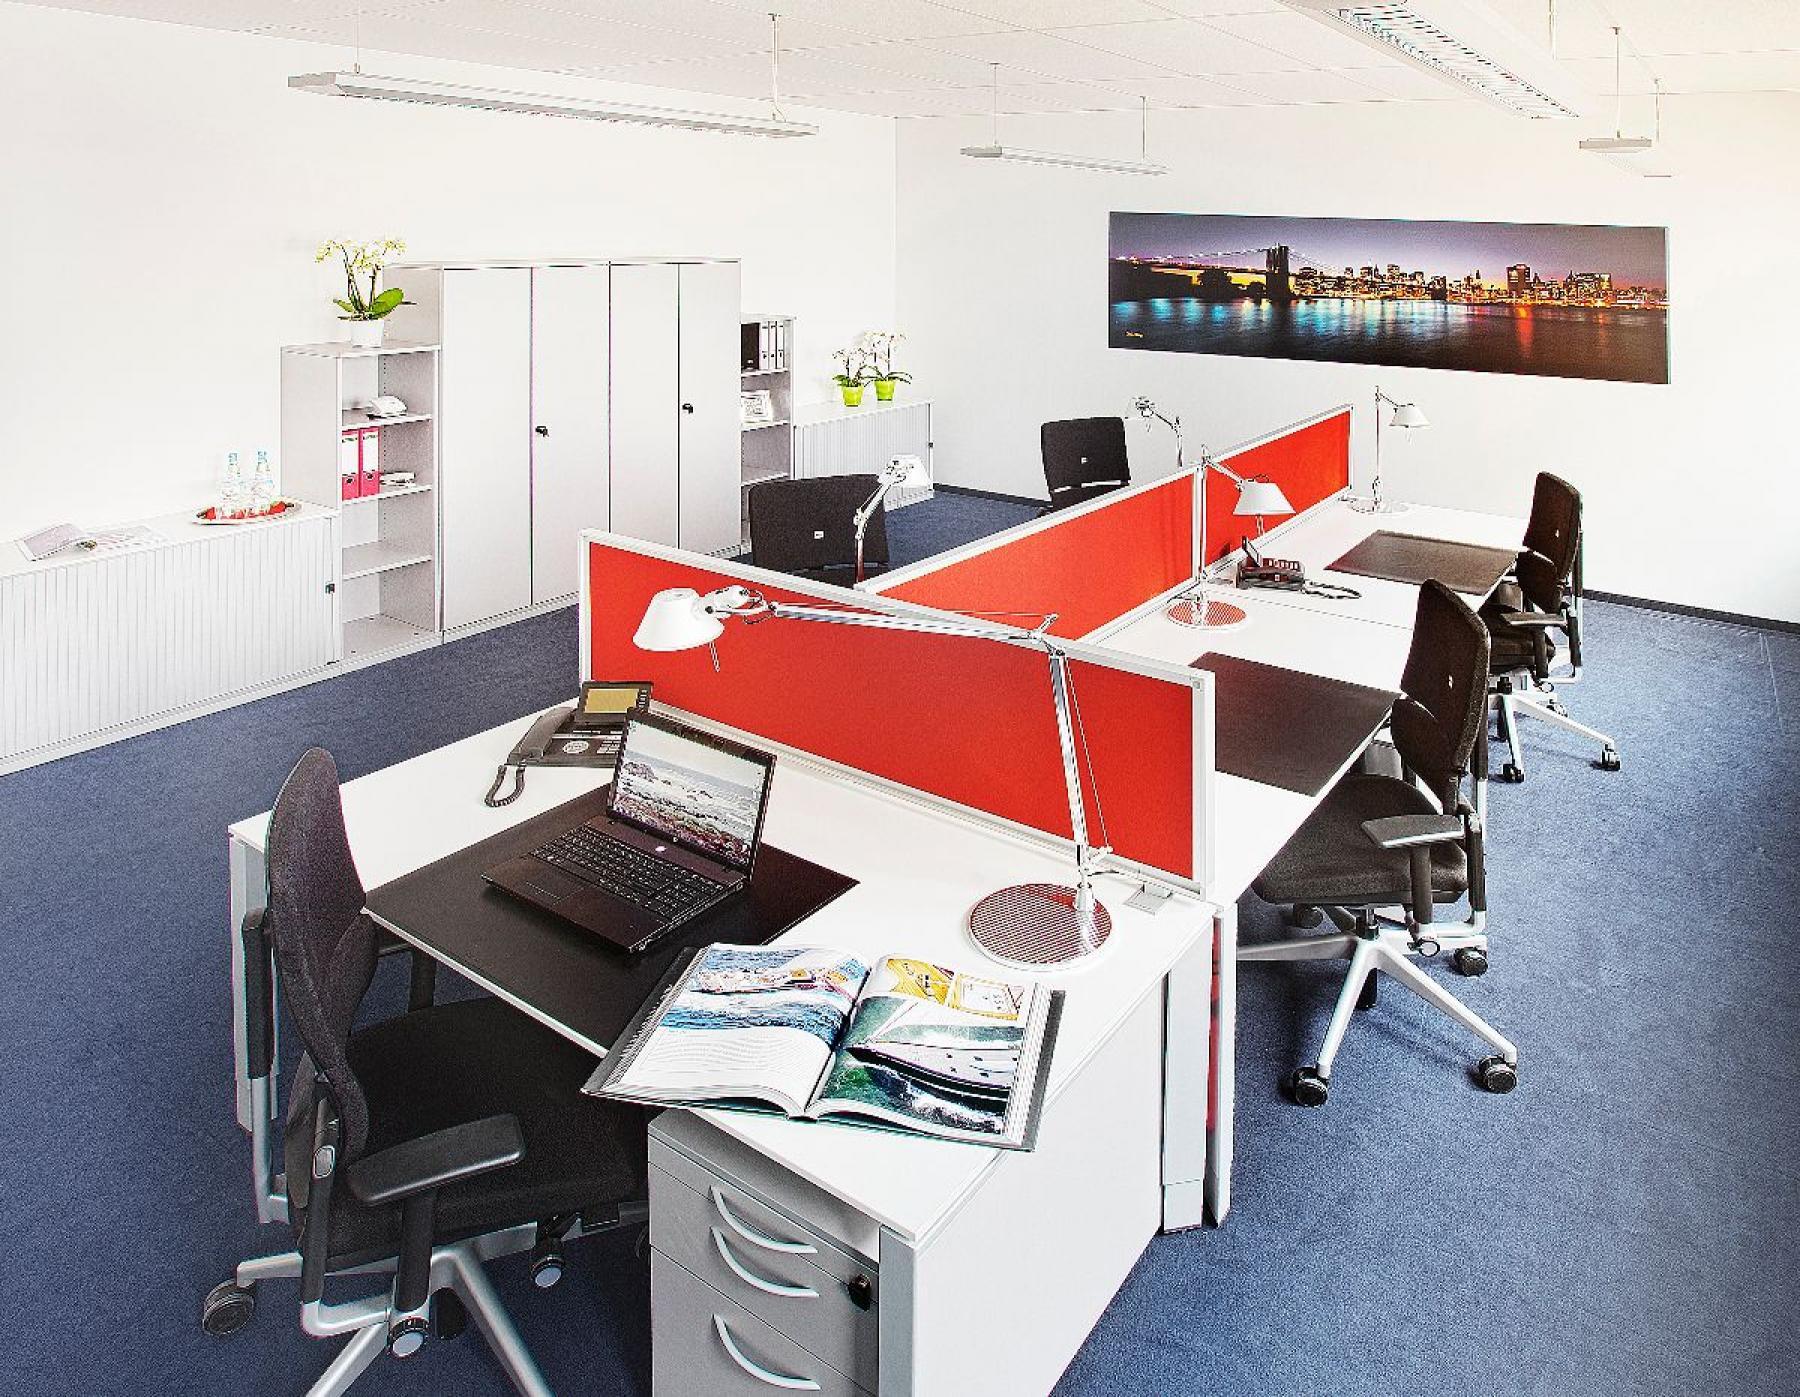 Erstklassige Büroflächen mit angenehmer Arbeitsatmosphäre in München Riem mieten